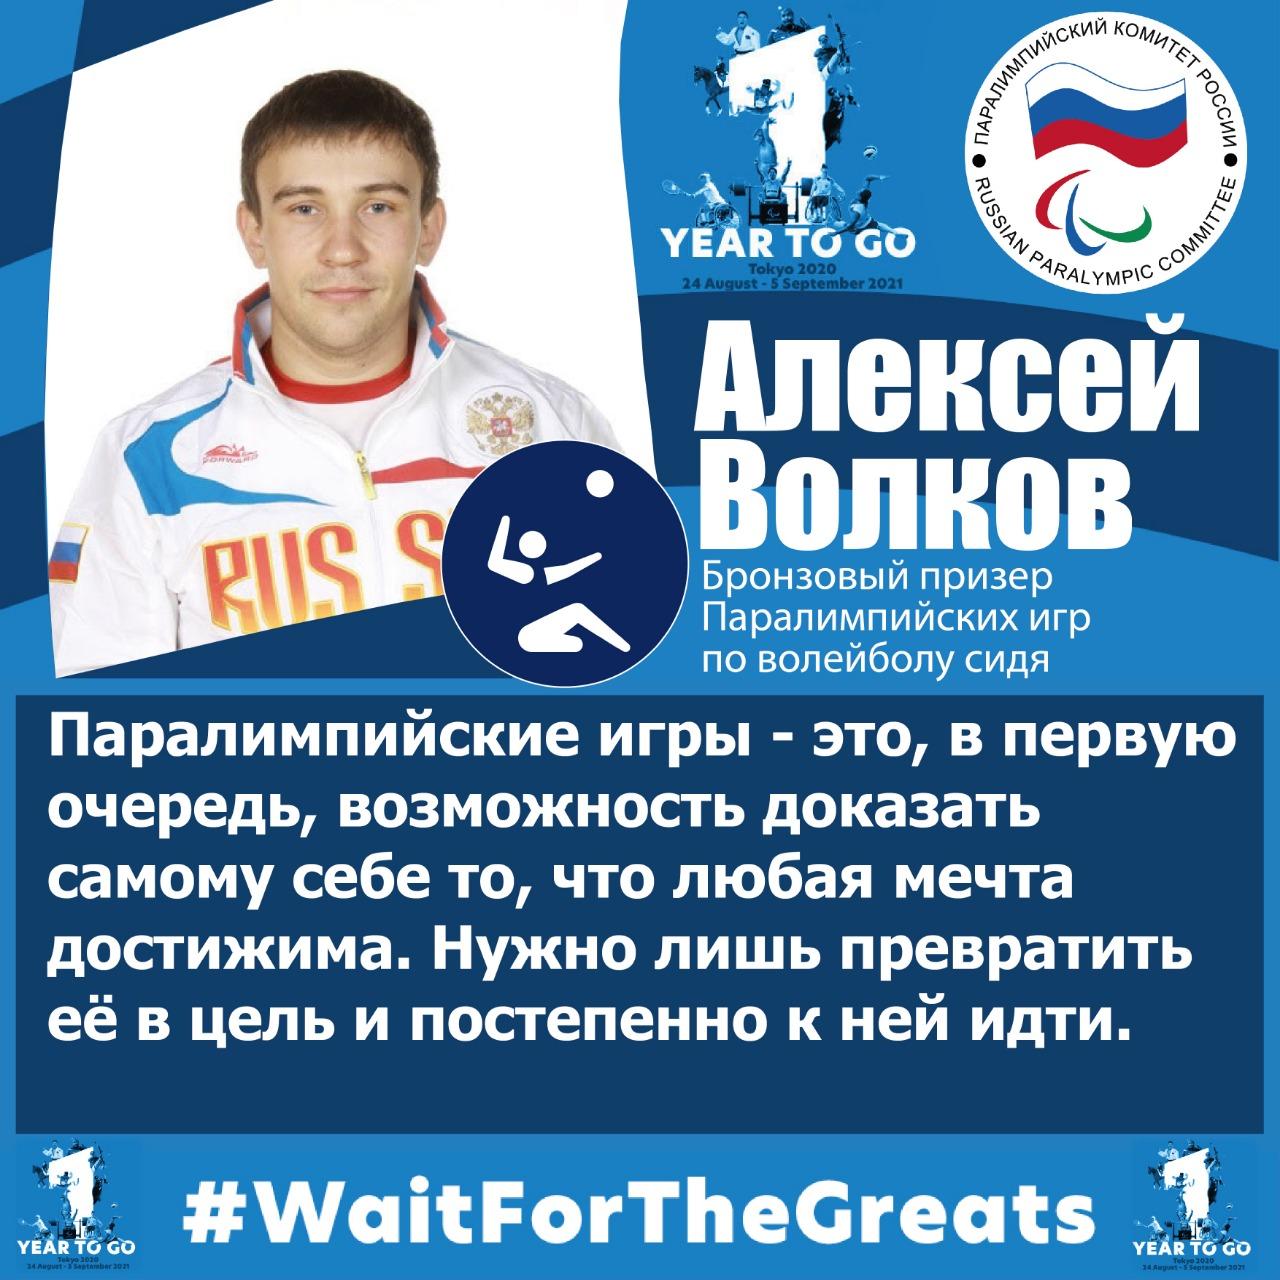 А. Волков: «Паралимпийские игры — это, в первую очередь, возможность доказать самому себе, то что любая мечта достижима. Нужно лишь превратить её в цель и постепенно к ней идти»